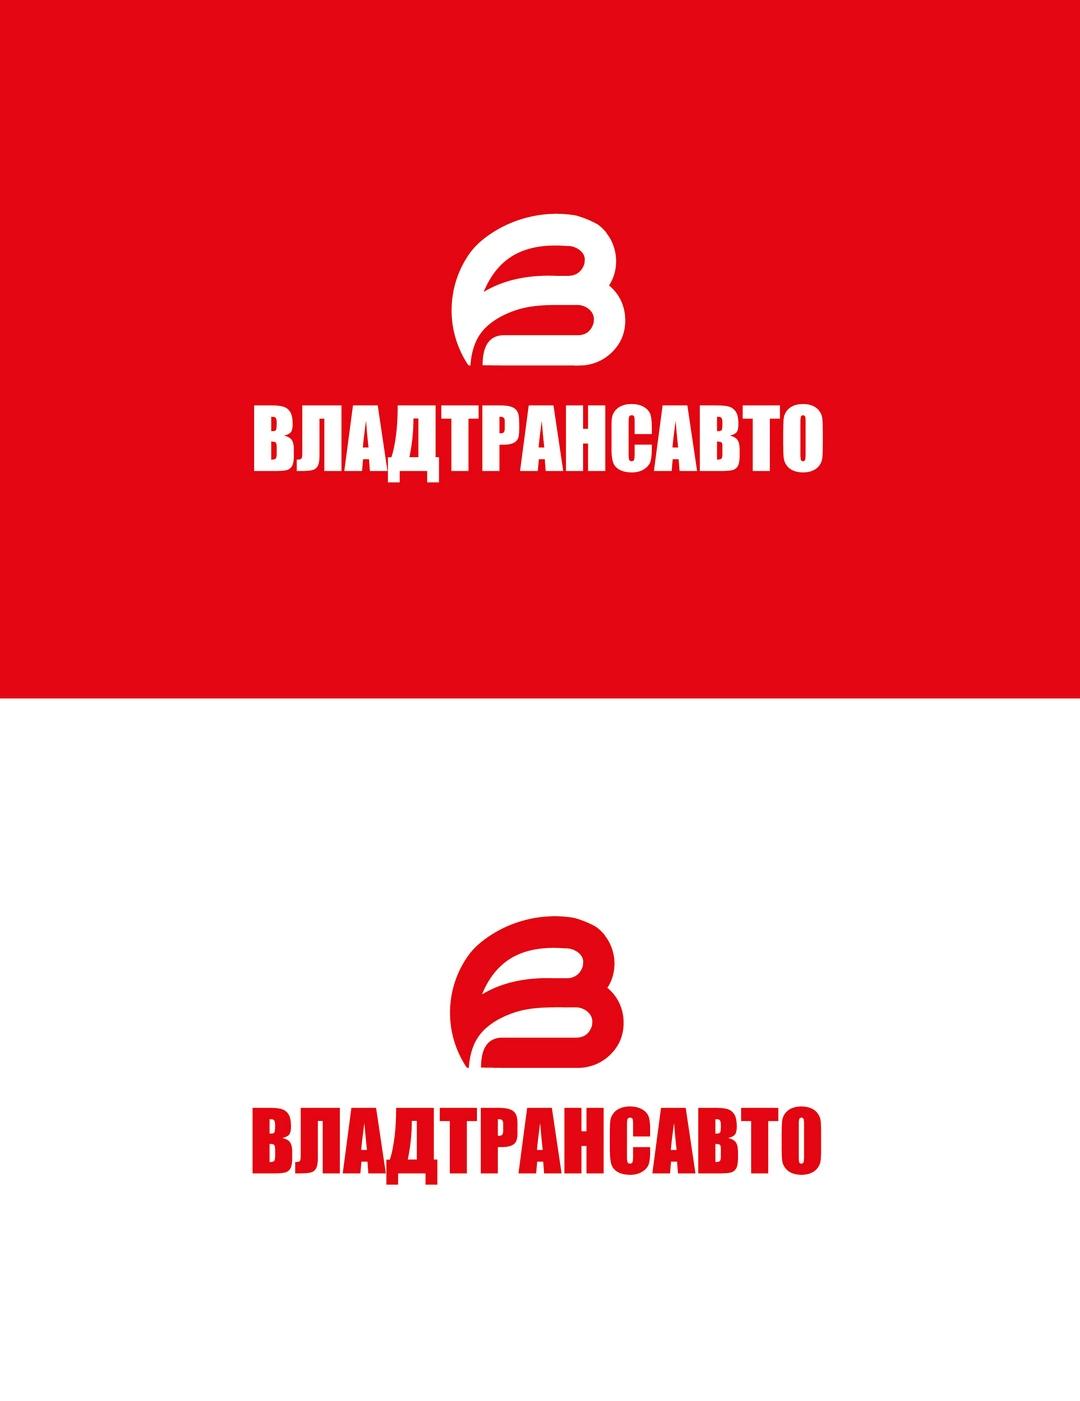 Логотип и фирменный стиль для транспортной компании Владтрансавто фото f_0335cde735504f76.jpg